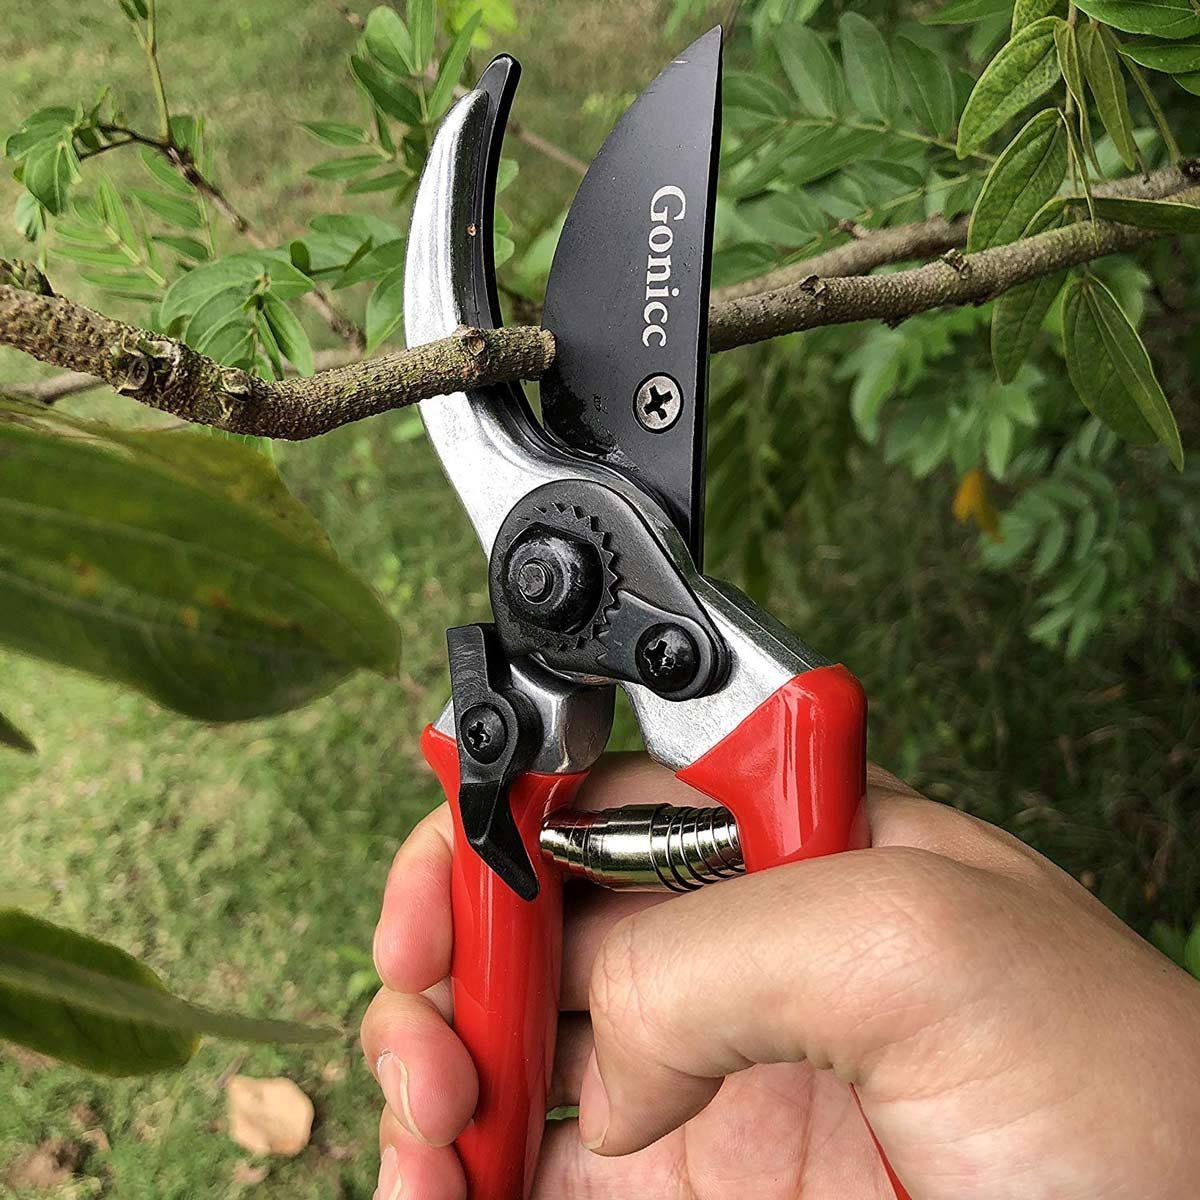 gonicc pruning shears